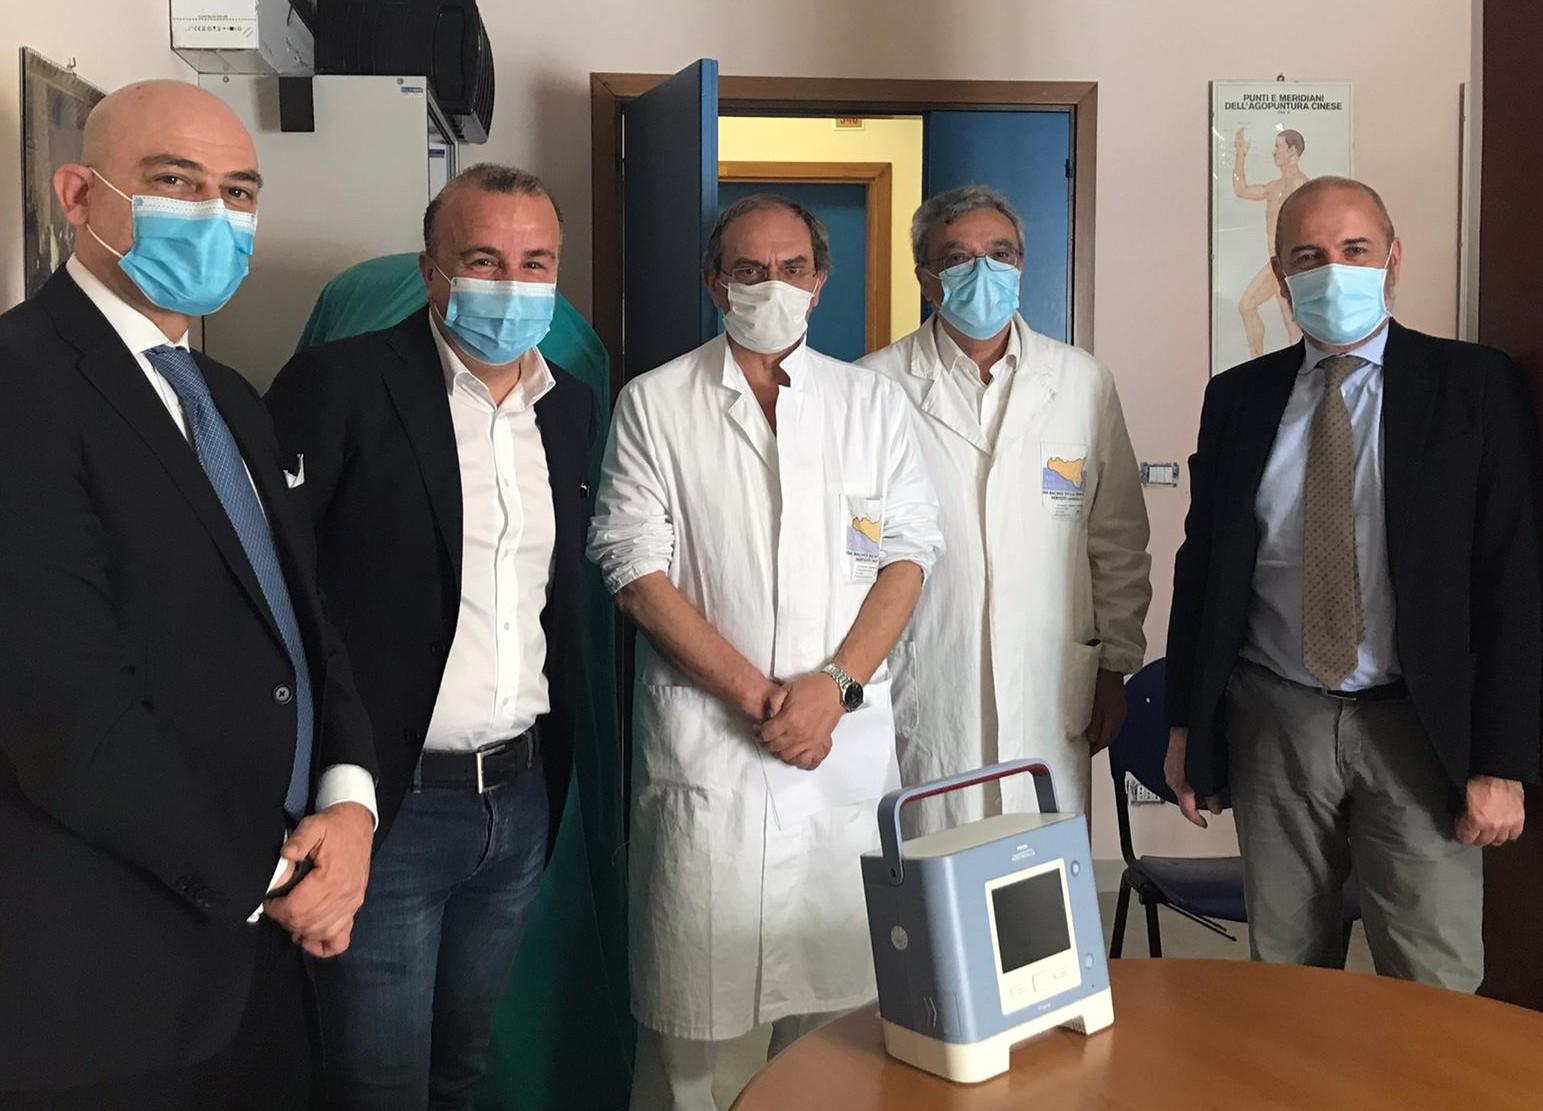 Modica, all'ospedale un ventilatore polmonare donato dall'Ance